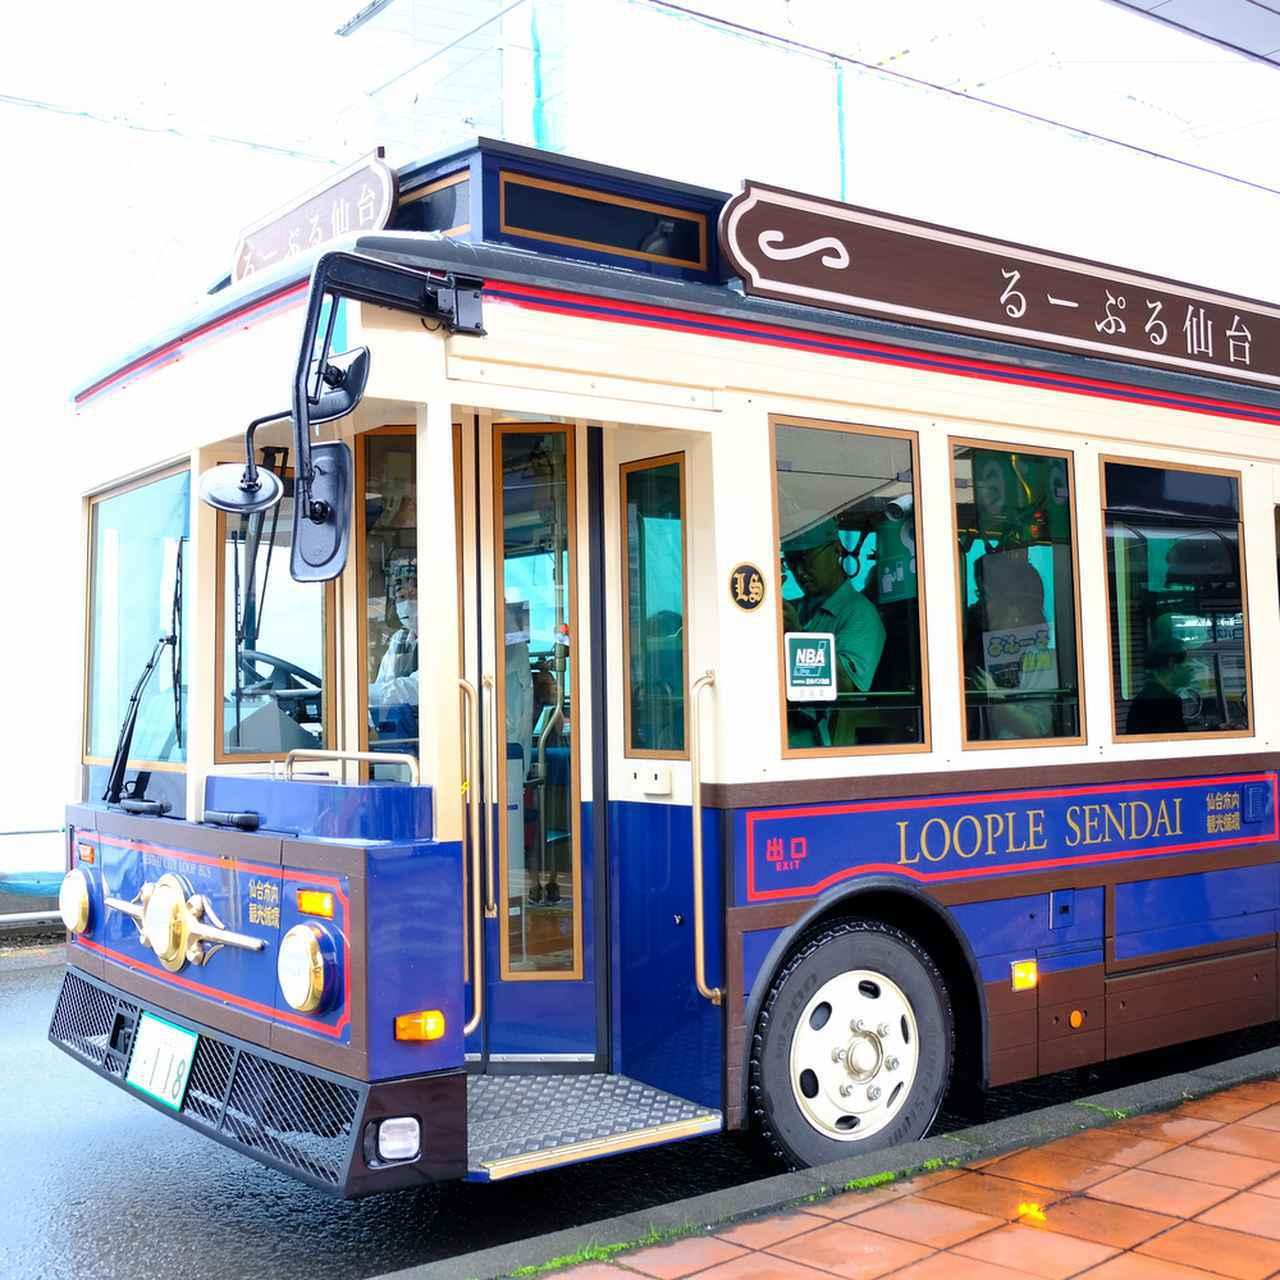 画像: 運転手さんによっては簡単な観光案内もしてくださる方も。一日乗車券は3回乗車で元が取れますから、朝から使えば間違いなくお得です。